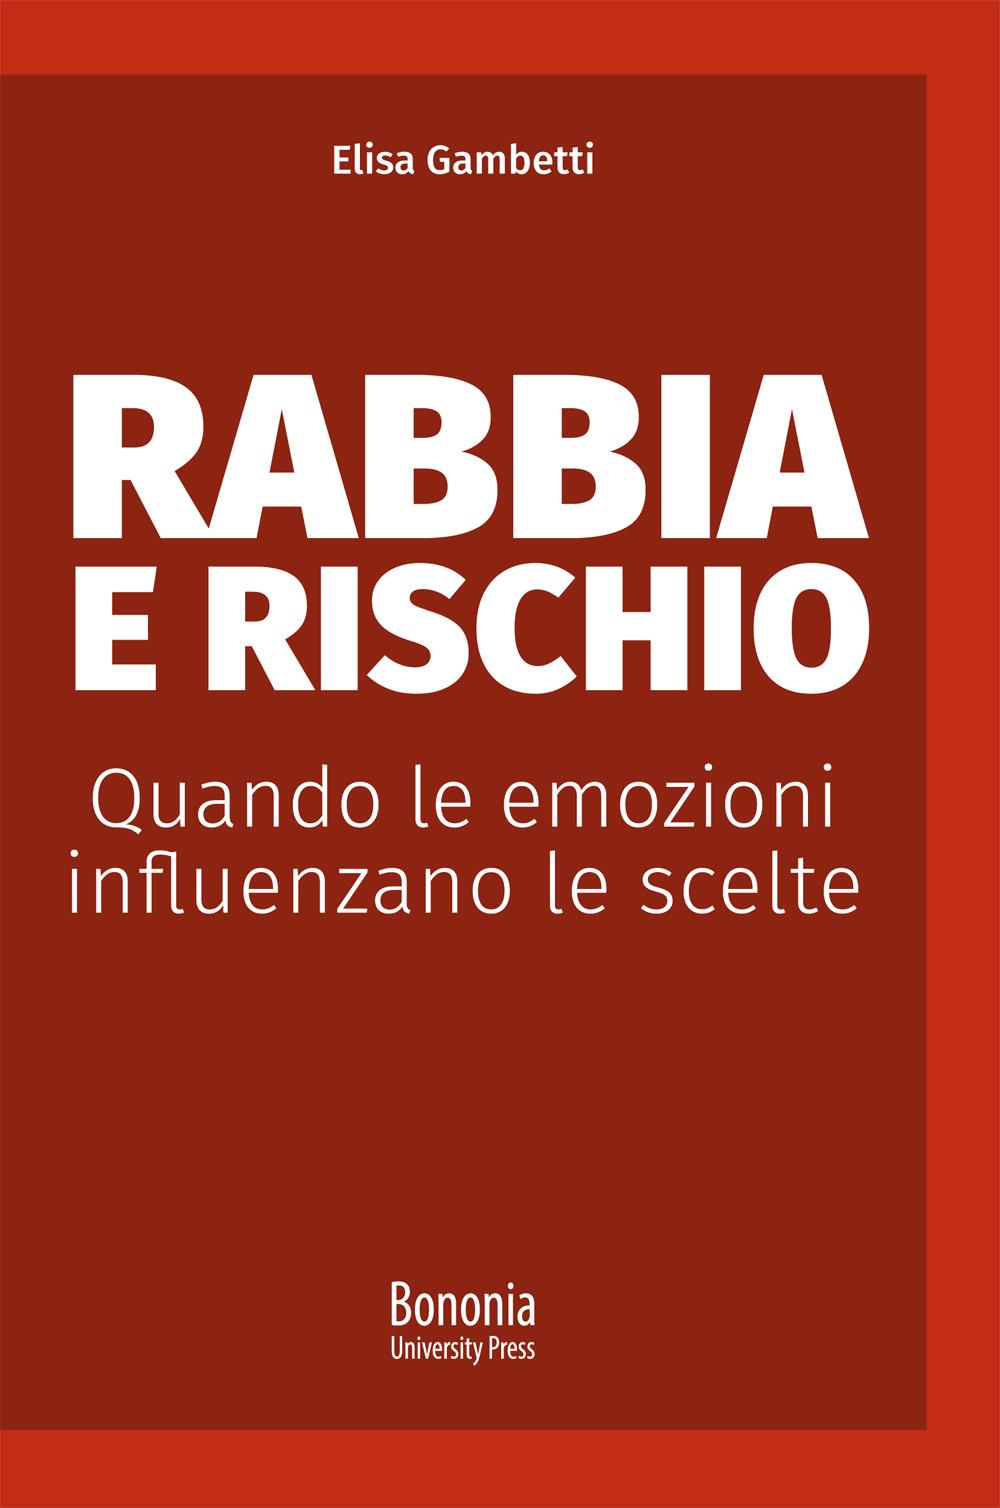 Rabbia e rischio - Bononia University Press